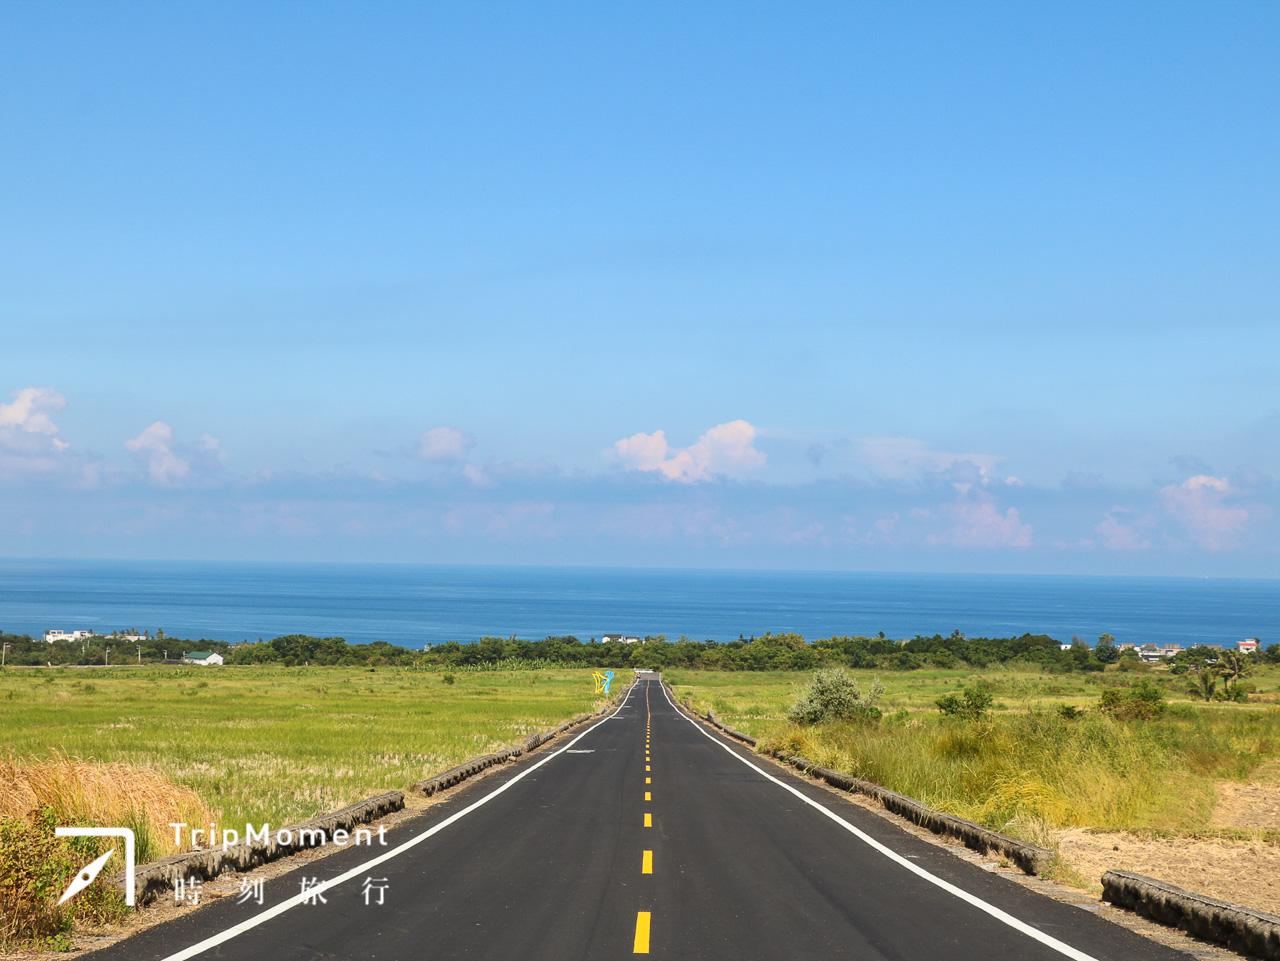 台東金剛大道》海洋版伯朗大道!連結海岸山脈和太平洋,來這裡體驗台東純樸的寧靜